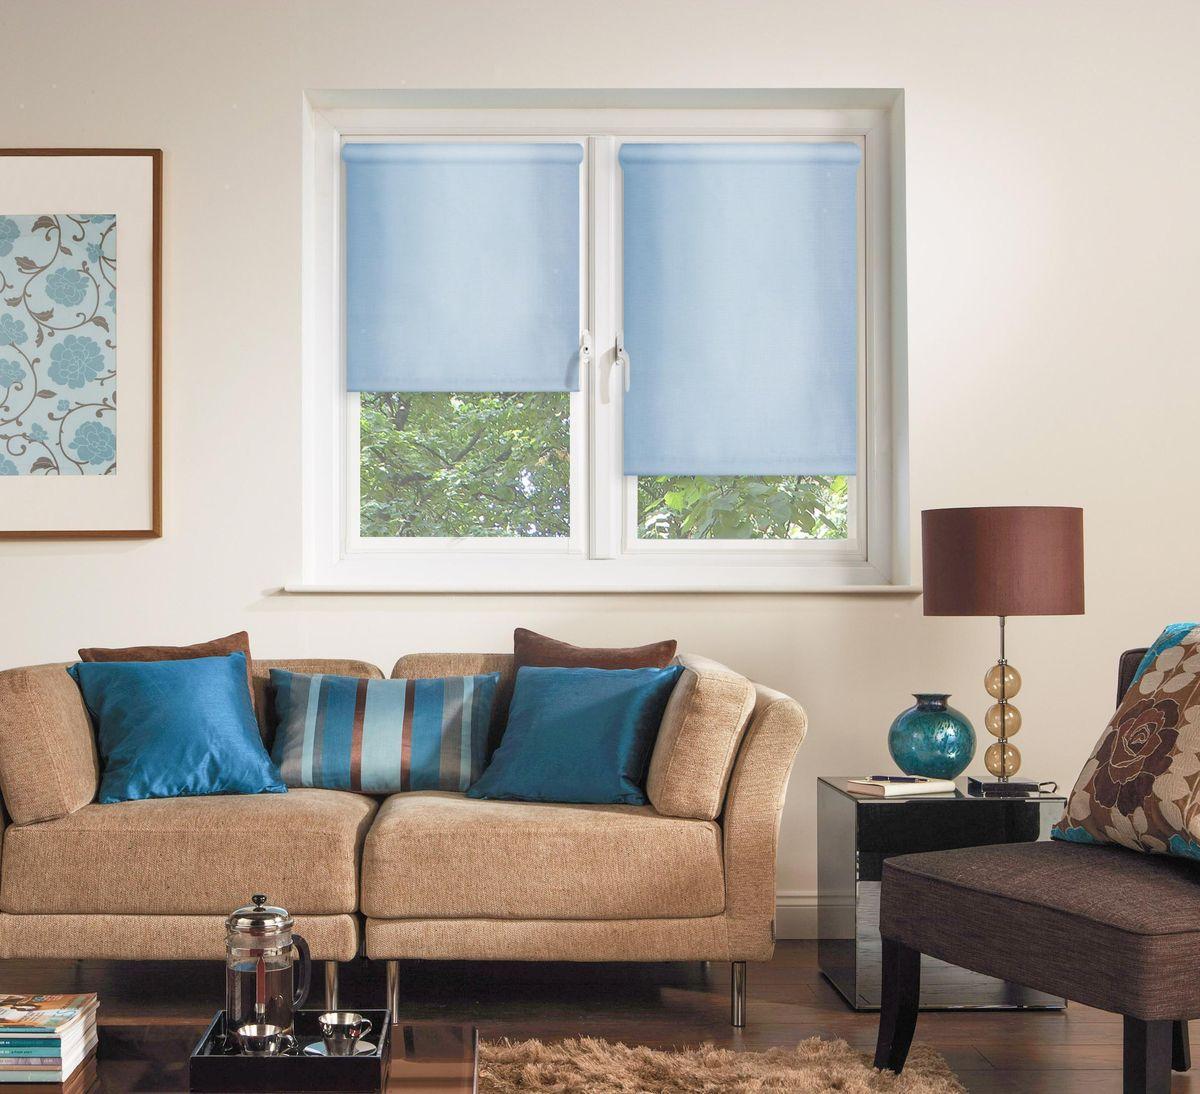 Штора рулонная Эскар, цвет: голубой, ширина 180 см, высота 170 см81005180170Рулонными шторами можно оформлять окна как самостоятельно, так и использовать в комбинации с портьерами. Это поможет предотвратить выгорание дорогой ткани на солнце и соединит функционал рулонных с красотой навесных. Преимущества применения рулонных штор для пластиковых окон: - имеют прекрасный внешний вид: многообразие и фактурность материала изделия отлично смотрятся в любом интерьере; - многофункциональны: есть возможность подобрать шторы способные эффективно защитить комнату от солнца, при этом она не будет слишком темной. - Есть возможность осуществить быстрый монтаж. ВНИМАНИЕ! Размеры ширины изделия указаны по ширине ткани! Во время эксплуатации не рекомендуется полностью разматывать рулон, чтобы не оторвать ткань от намоточного вала. В случае загрязнения поверхности ткани, чистку шторы проводят одним из способов, в зависимости от типа загрязнения: легкое поверхностное загрязнение можно удалить при помощи канцелярского ластика; чистка от пыли производится сухим методом при...